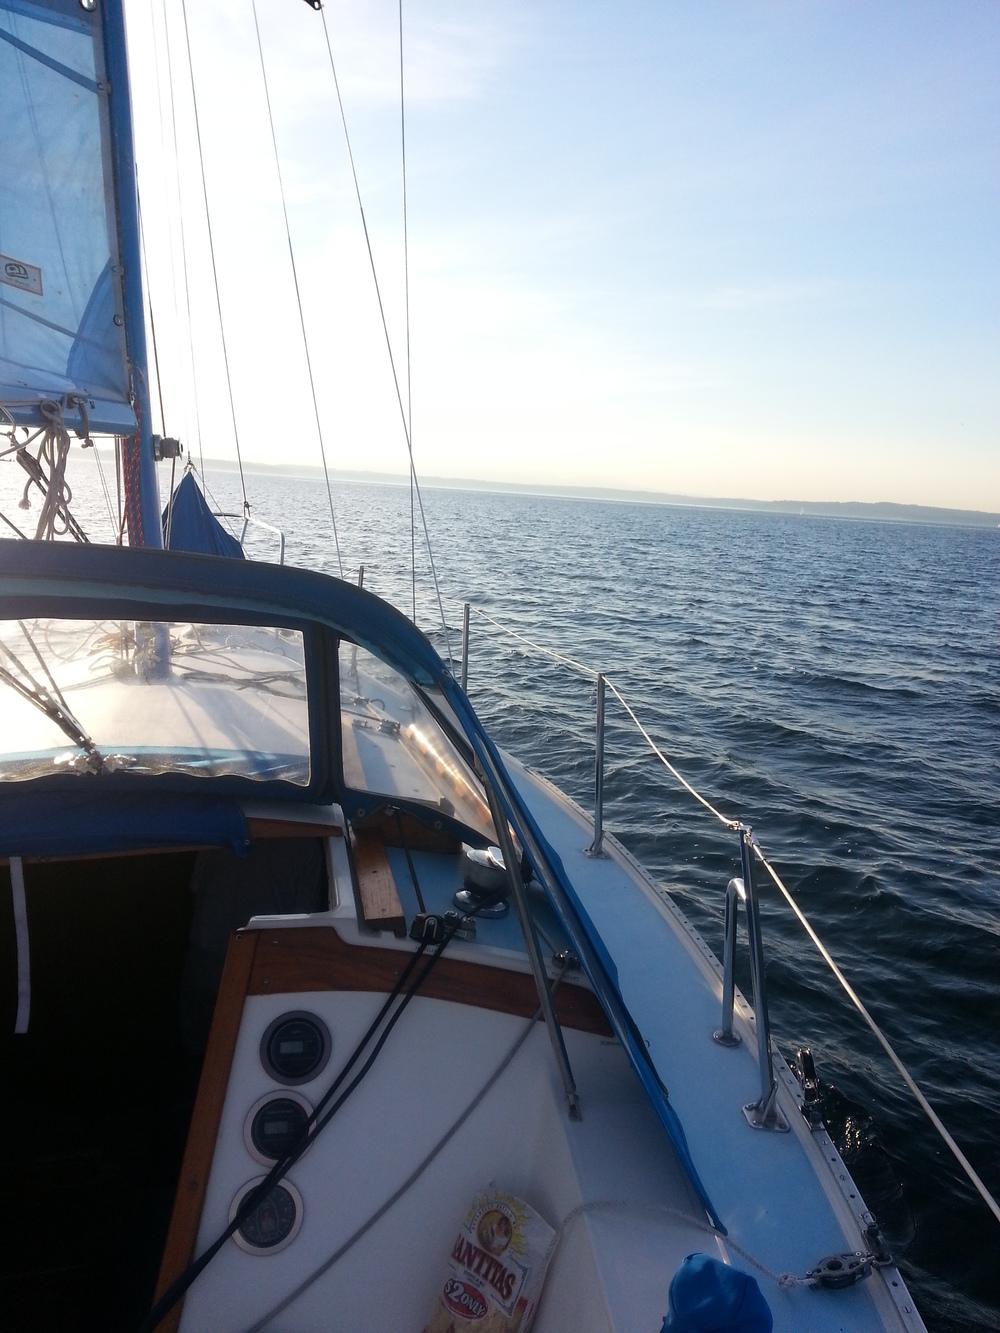 Set sail towards new lands - Puget Sound